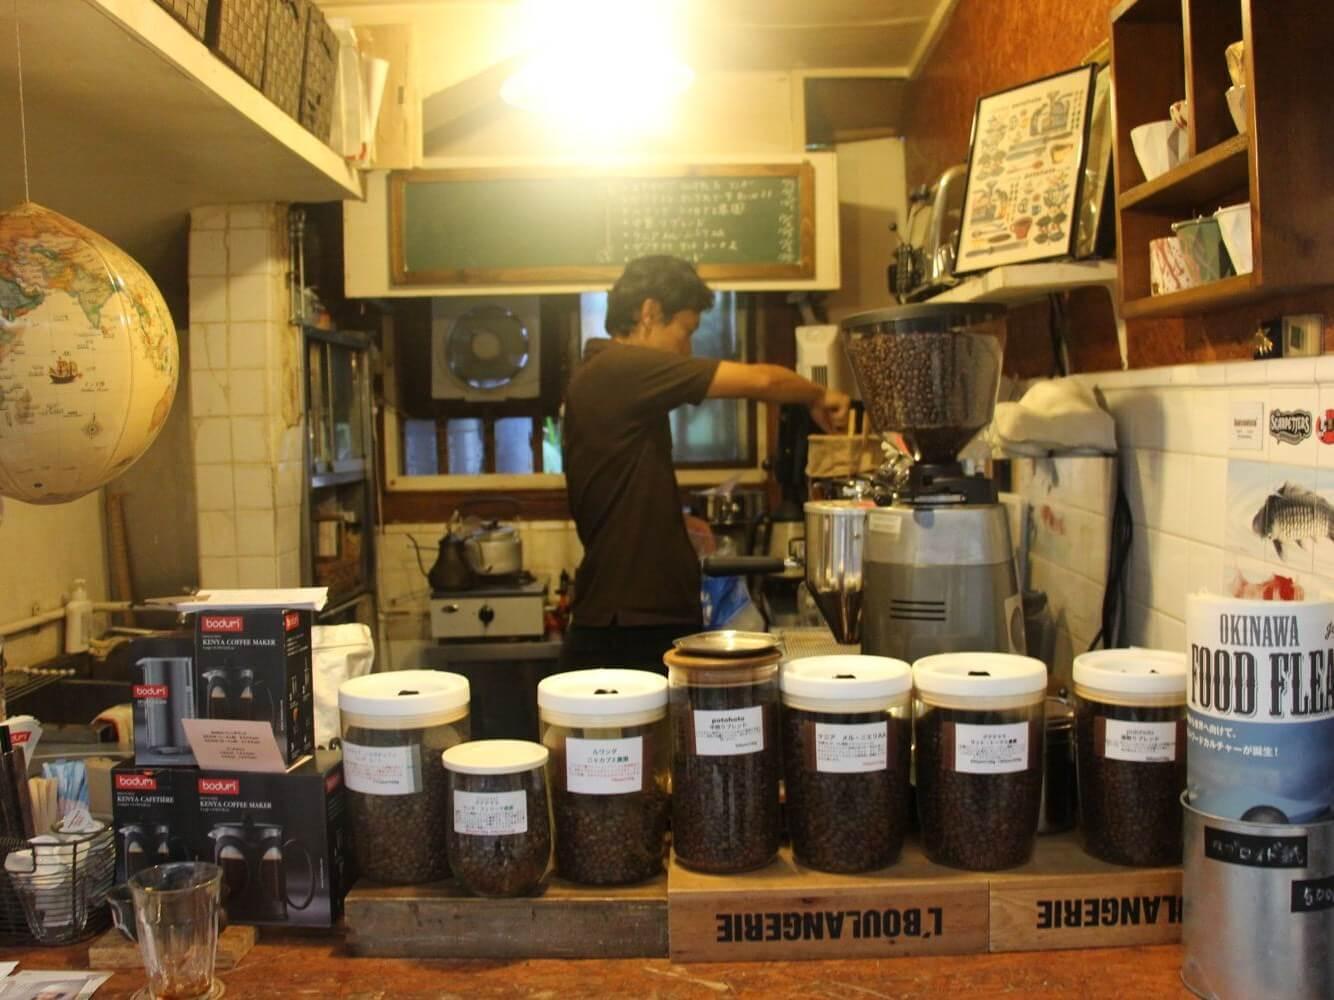 コーヒースタンド「potohoto(ぽとほと)」